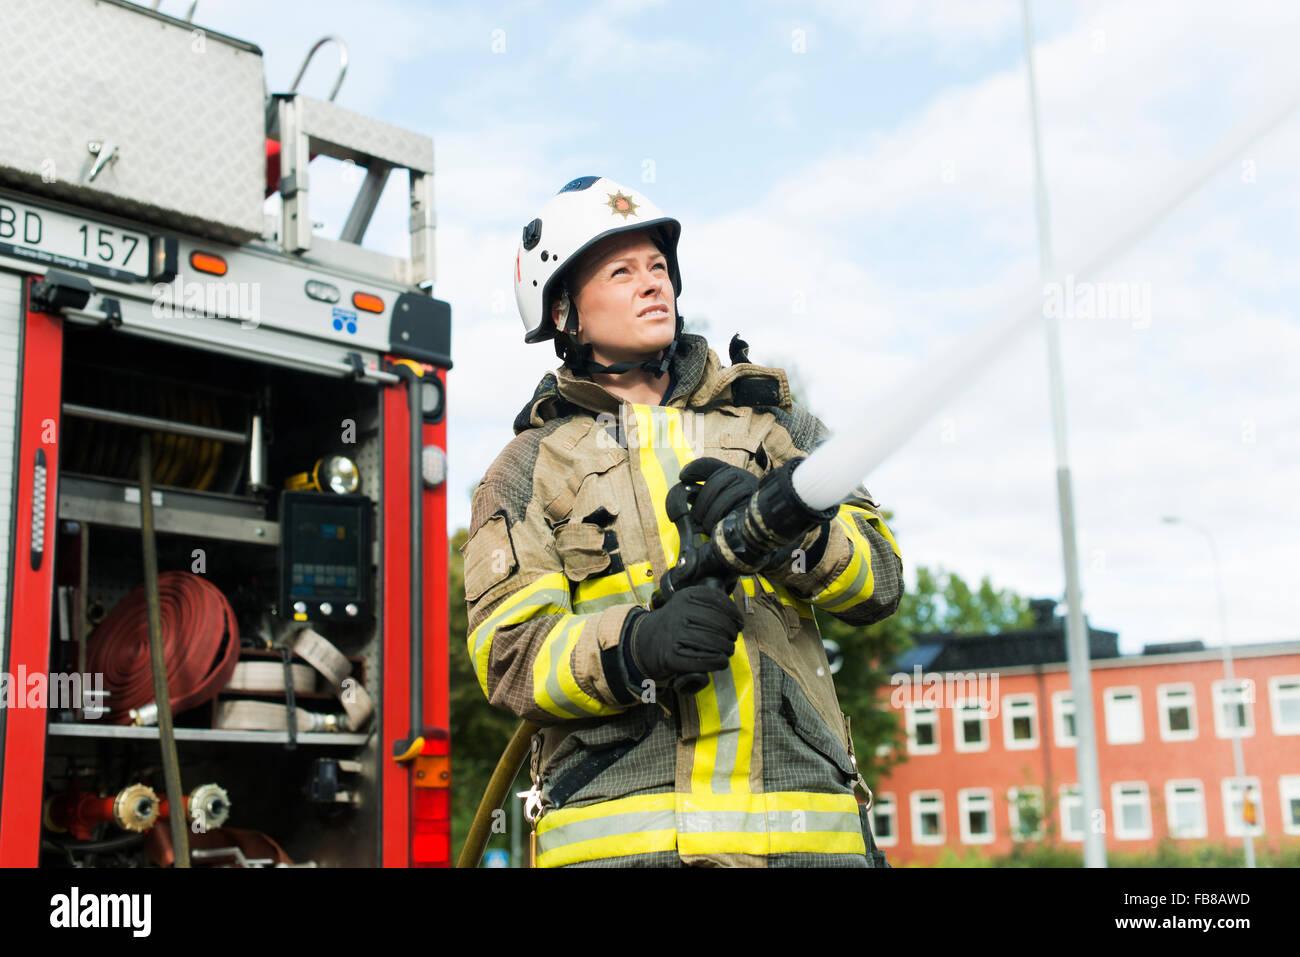 Sweden, Sodermanland, Sodertalje, Female firefighter using fire hose next to truck - Stock Image